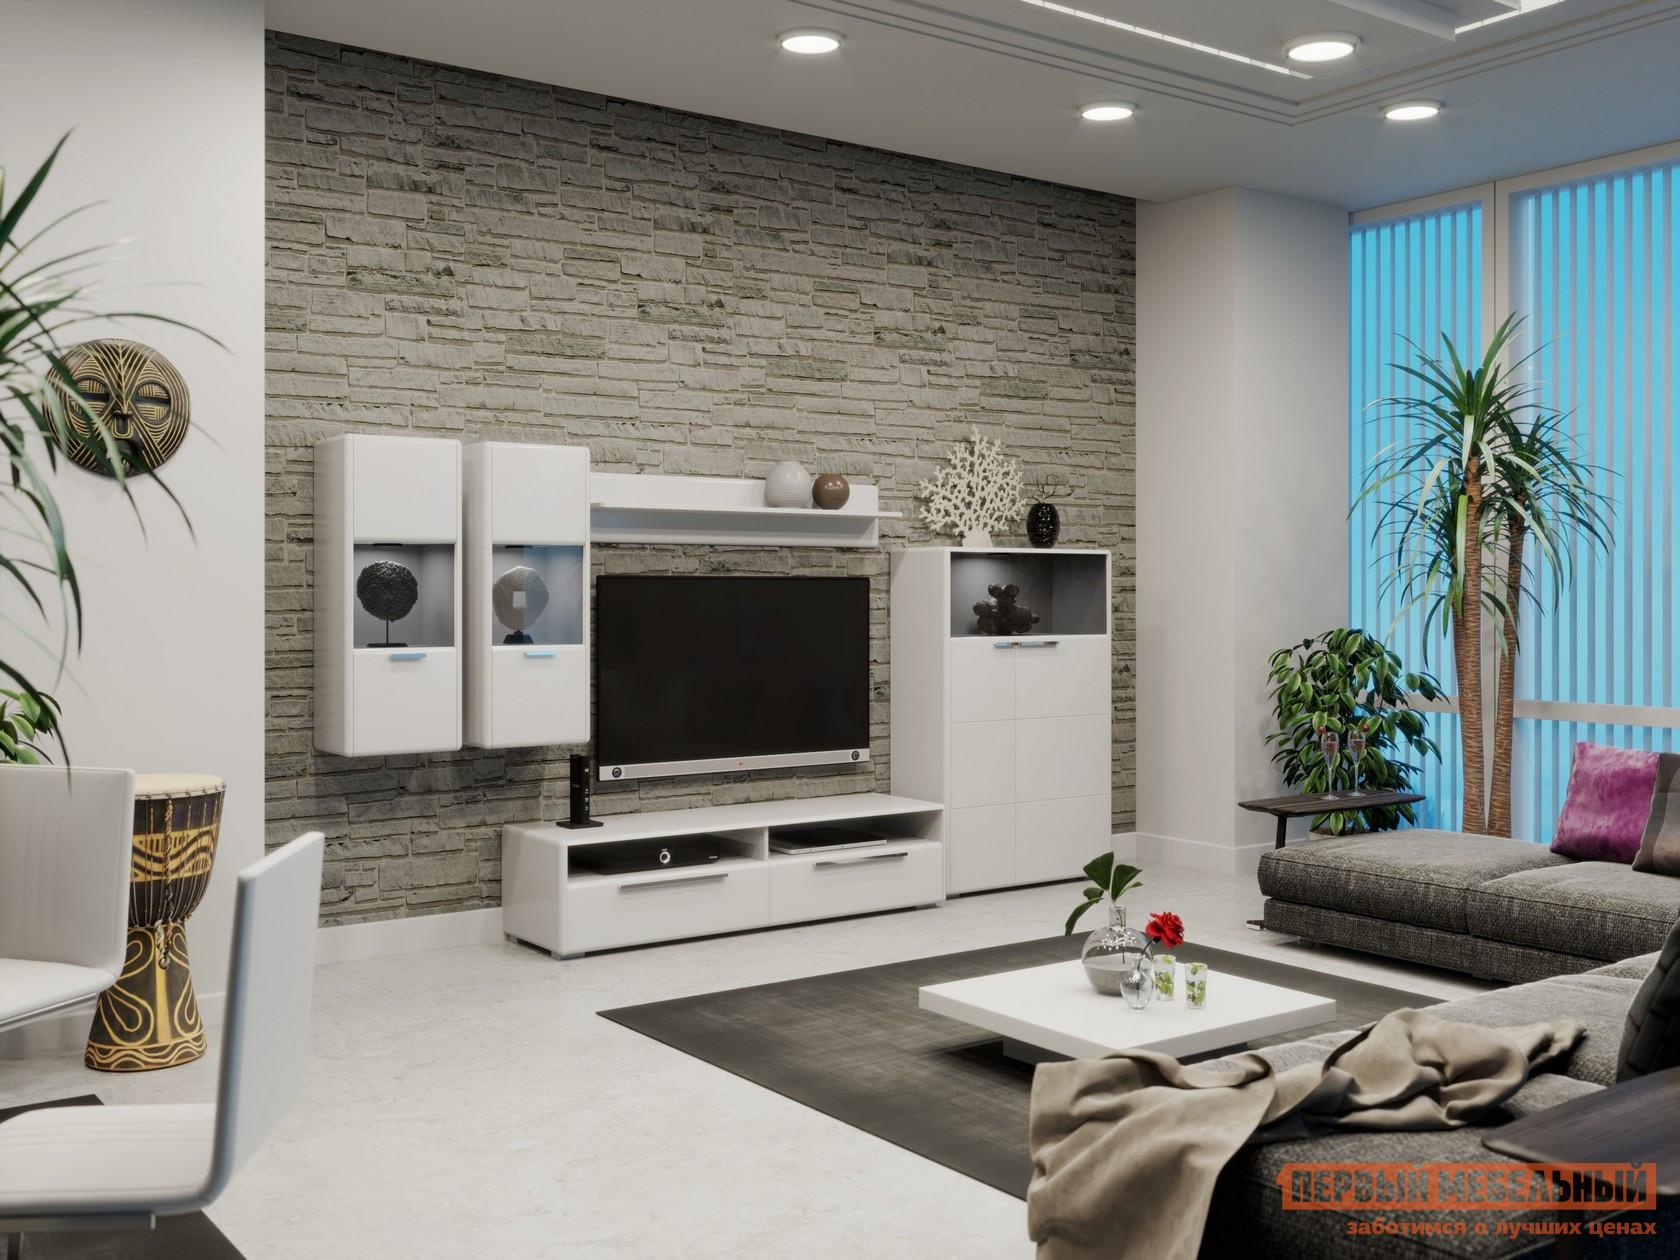 Стенка для гостиной ТриЯ ГН-208.101 стенка для гостиной гранд кволити стенка горка джордан 6 559